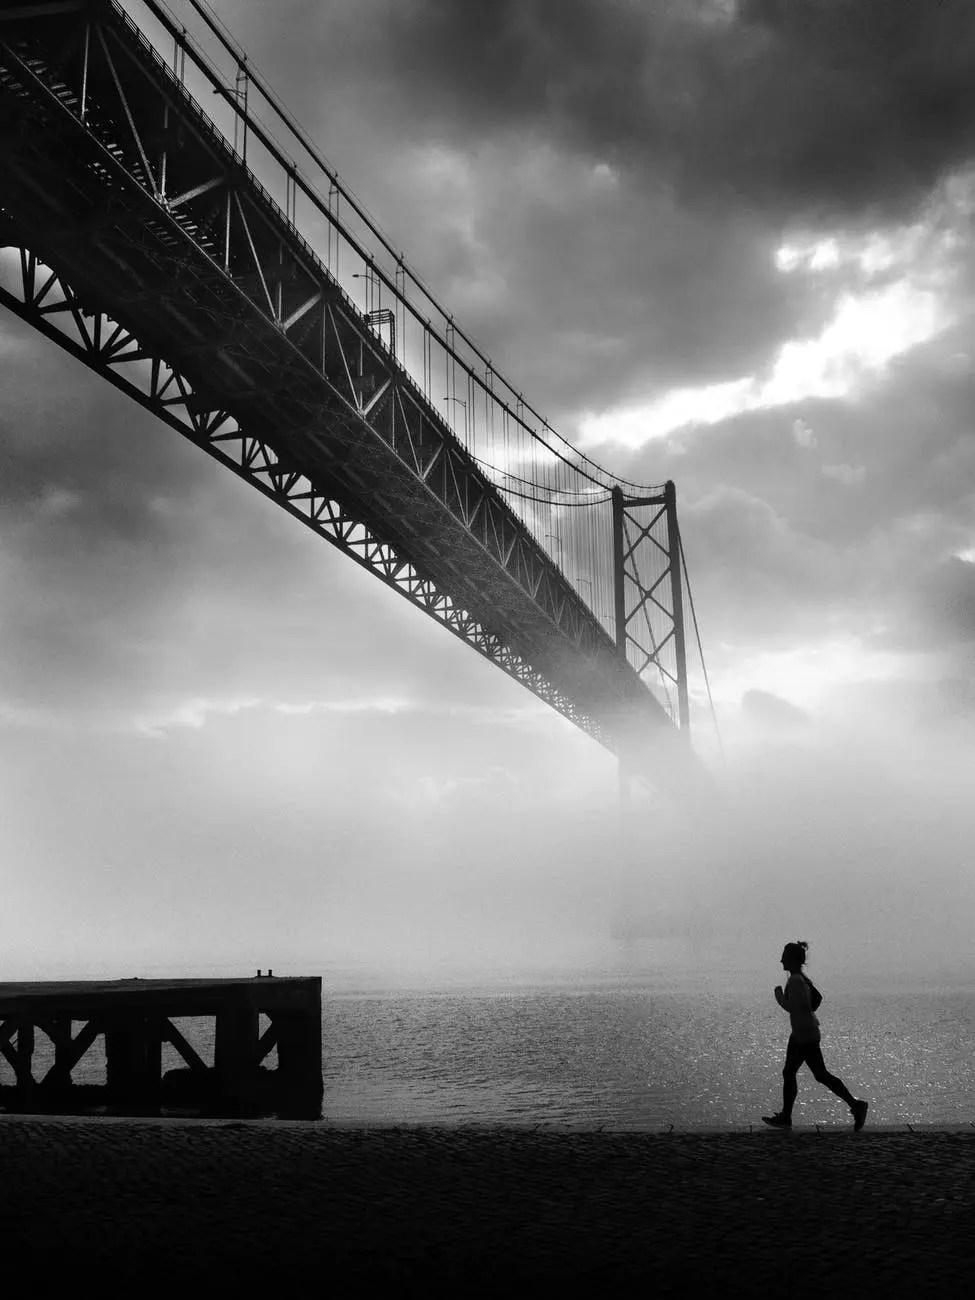 grayscale photo of person jogging near river